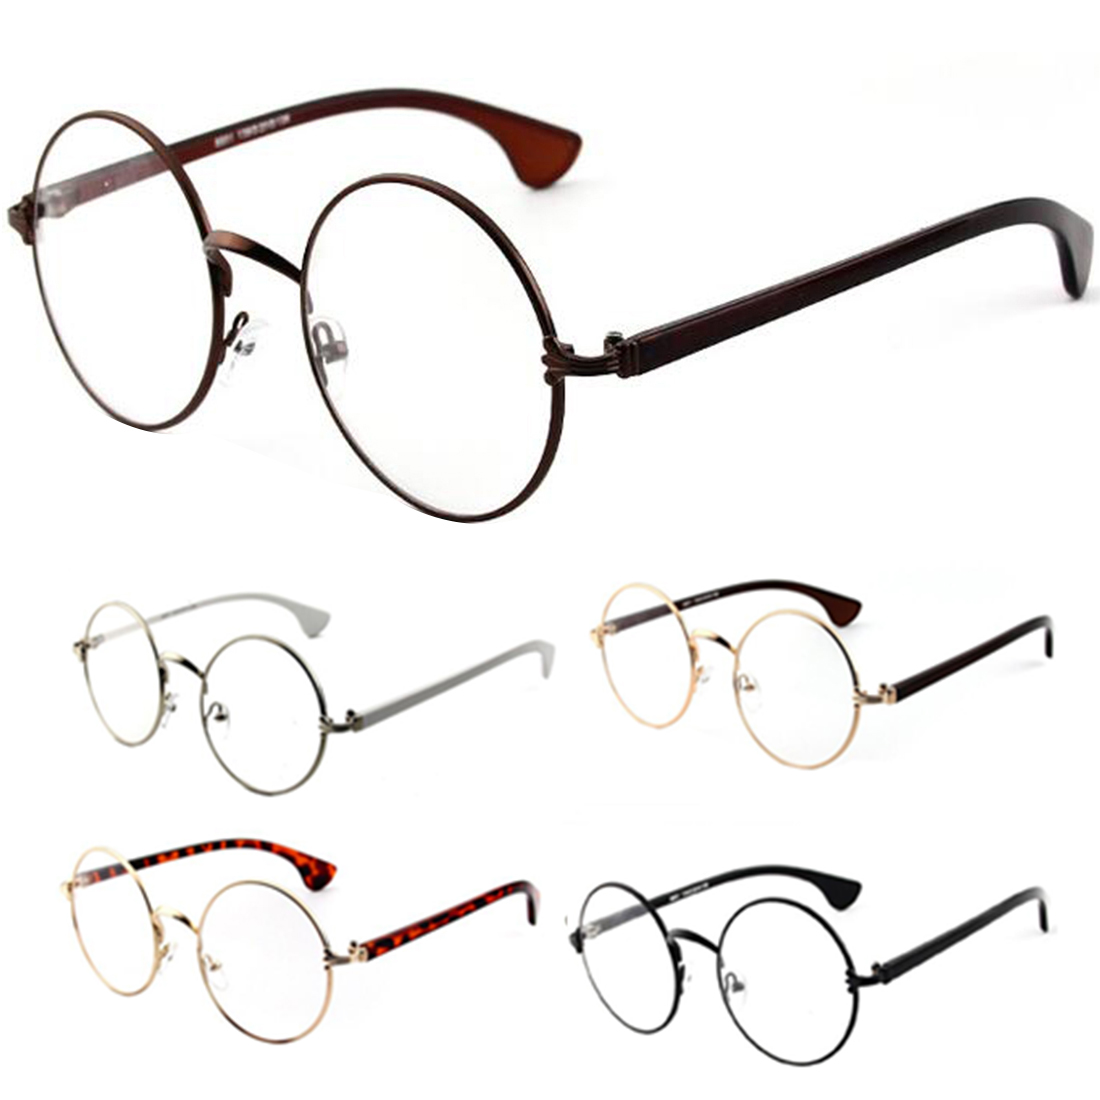 웃 유Trendy Round Clear Lens Eyeglasses Spectacles Metal Frame ...